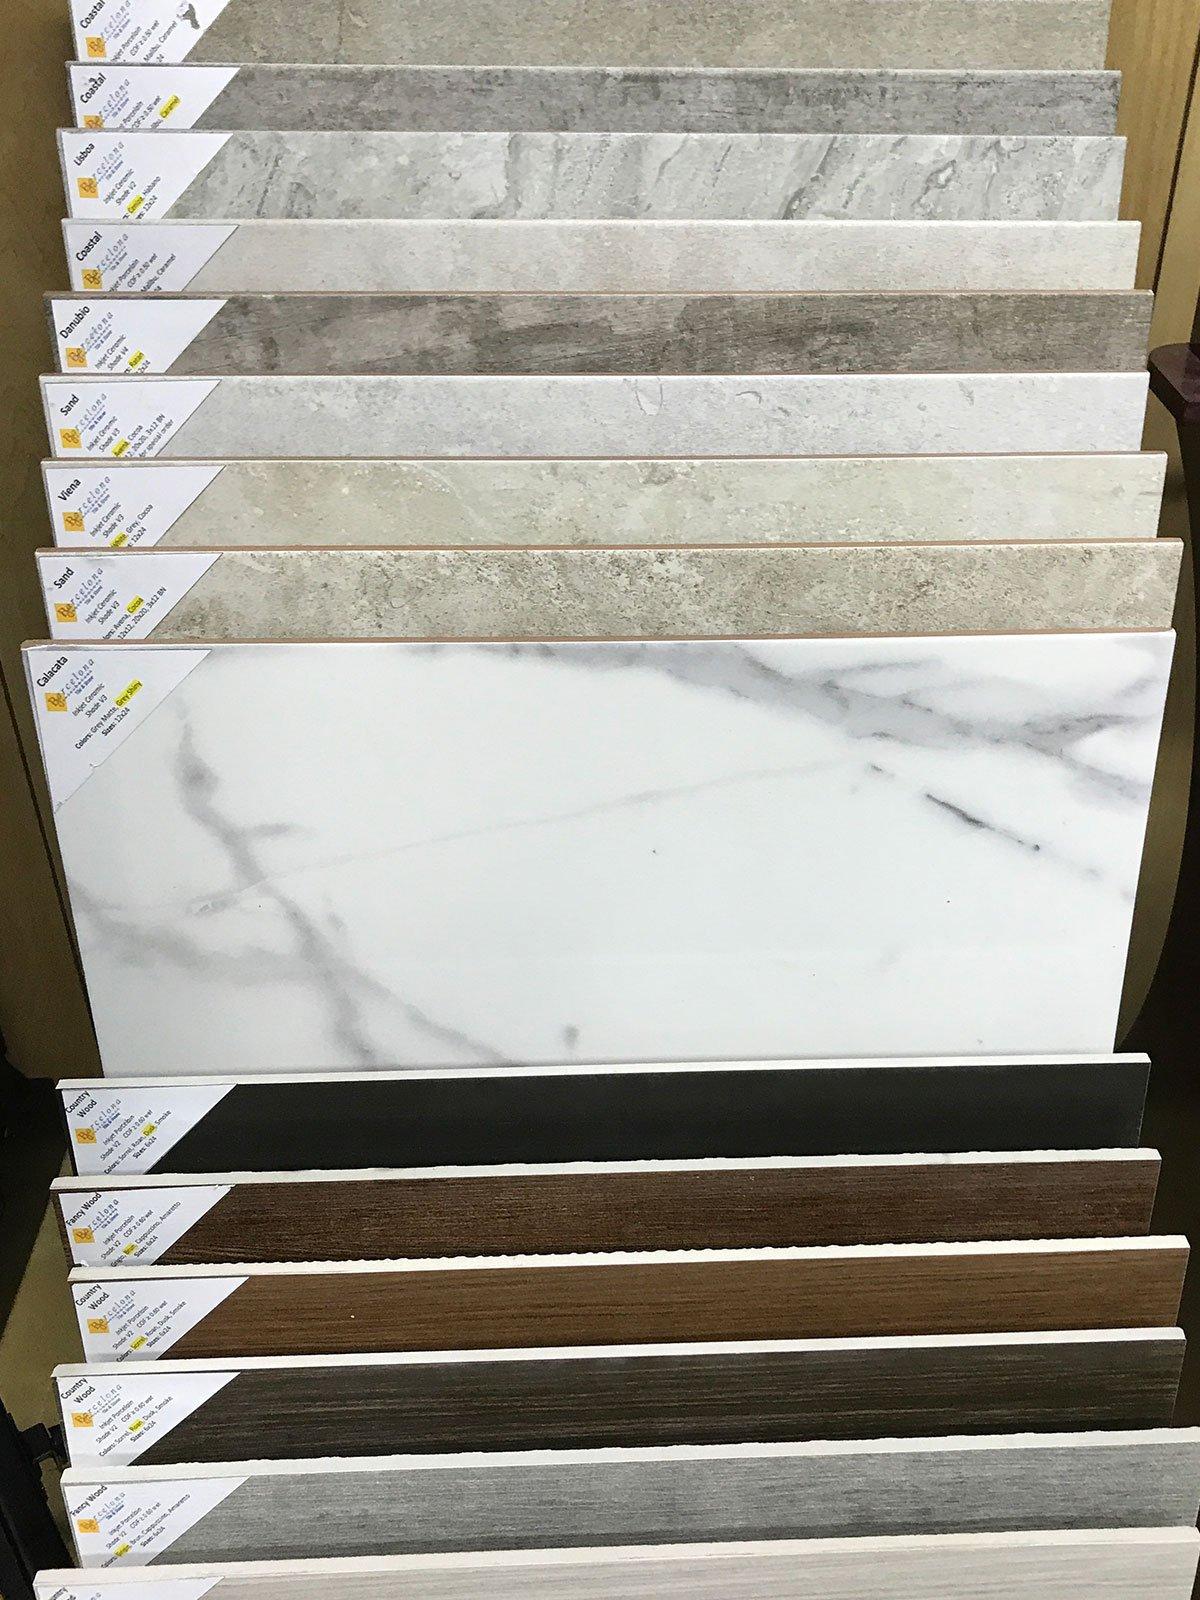 Countertop tile